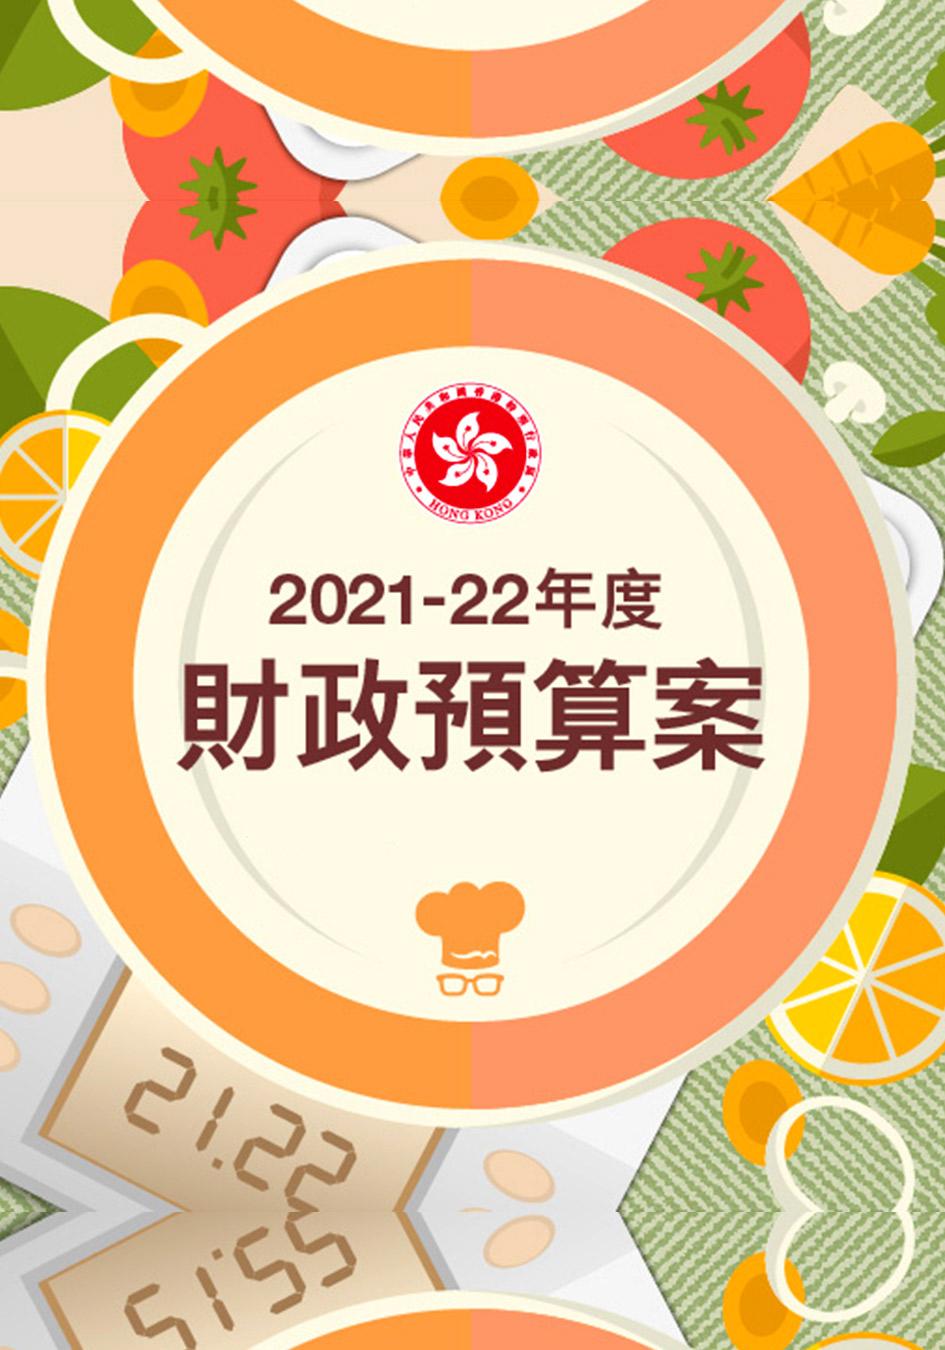 2021-2022 財政預算案-2021-2022 Budget Address